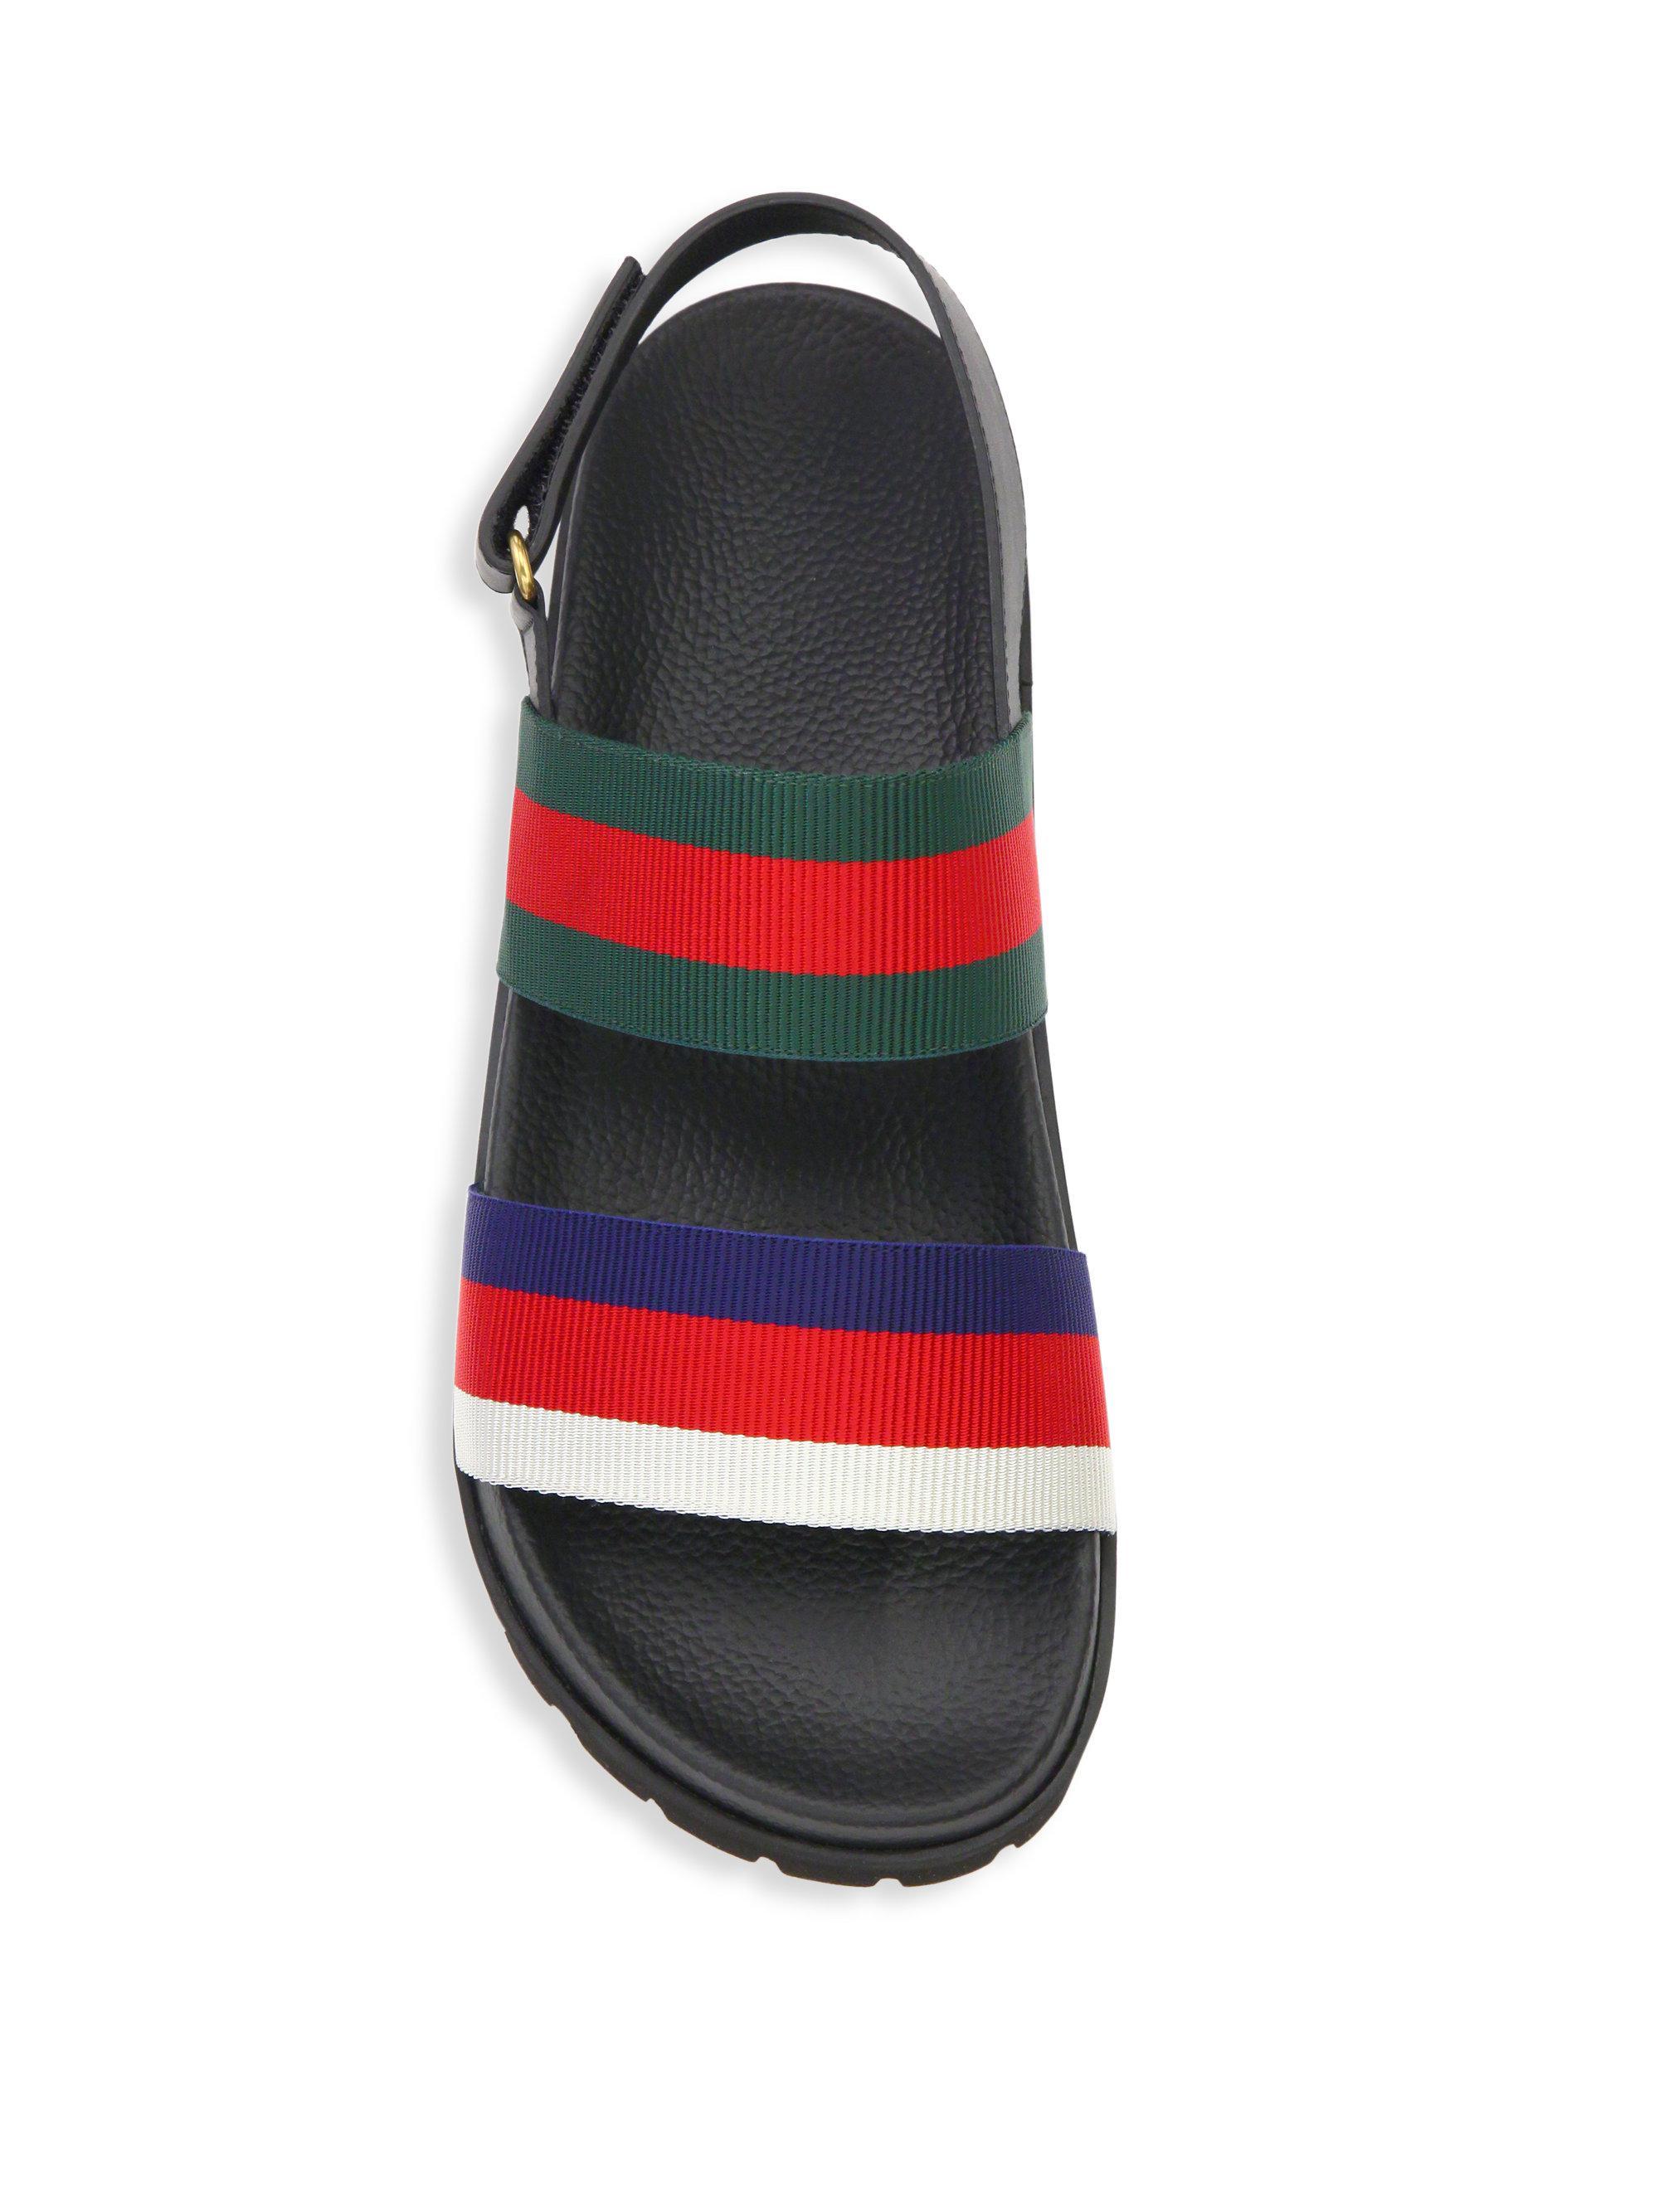 bd2b82fac7917f Gucci - Multicolor Rimini Leather Double Strap Sandals - Lyst